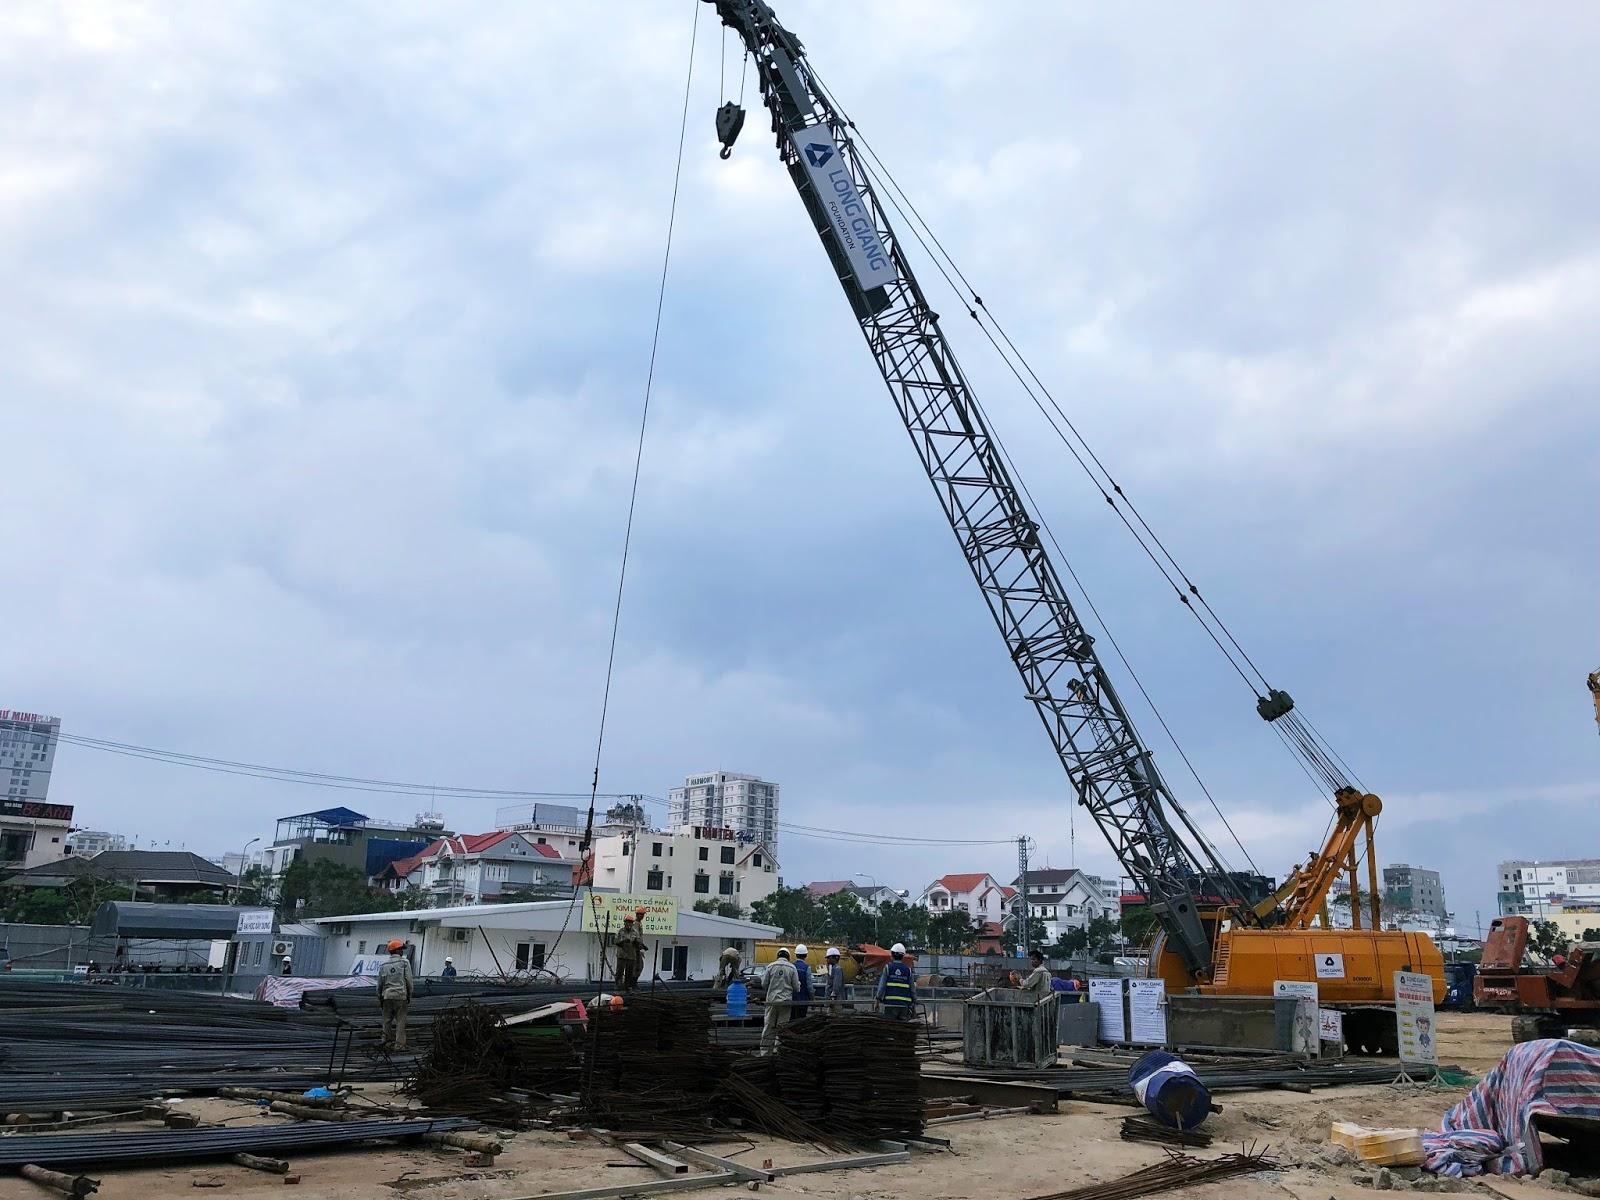 Tiến độ xây dựng dự án condotel Kim Long Season Mỹ Khê Đà Nẵng